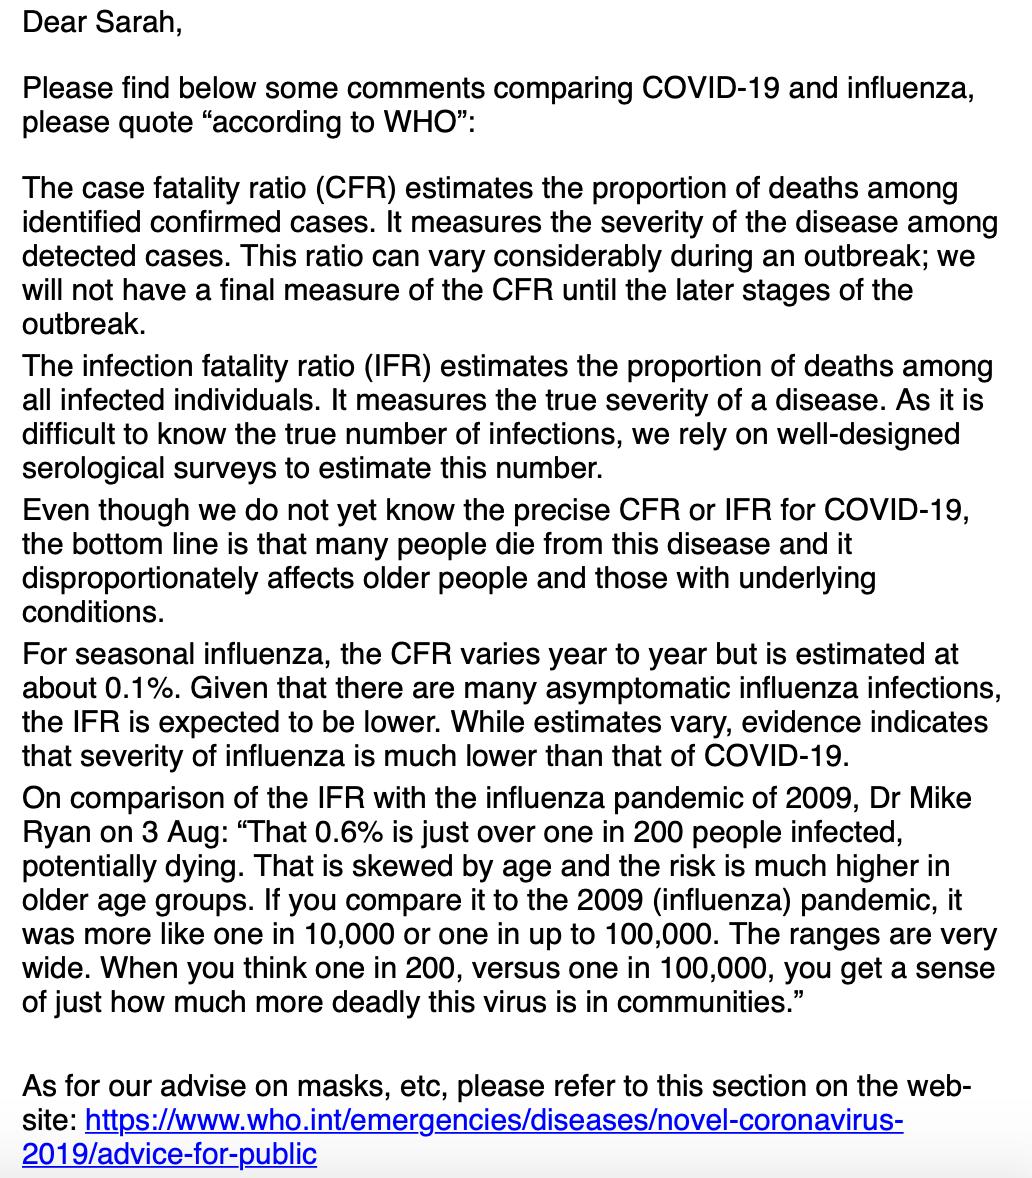 """Sind die Corona-Maßnahmen nötig? Ein Sprecher der WHO schrieb CORRECTIV, dass die Infektions-Sterblichkeitsrate (IFR) etwas über die """"wahre Schwere"""" von Krankheiten aussagt. Sie könne aber noch nicht exakt berechnet werden."""